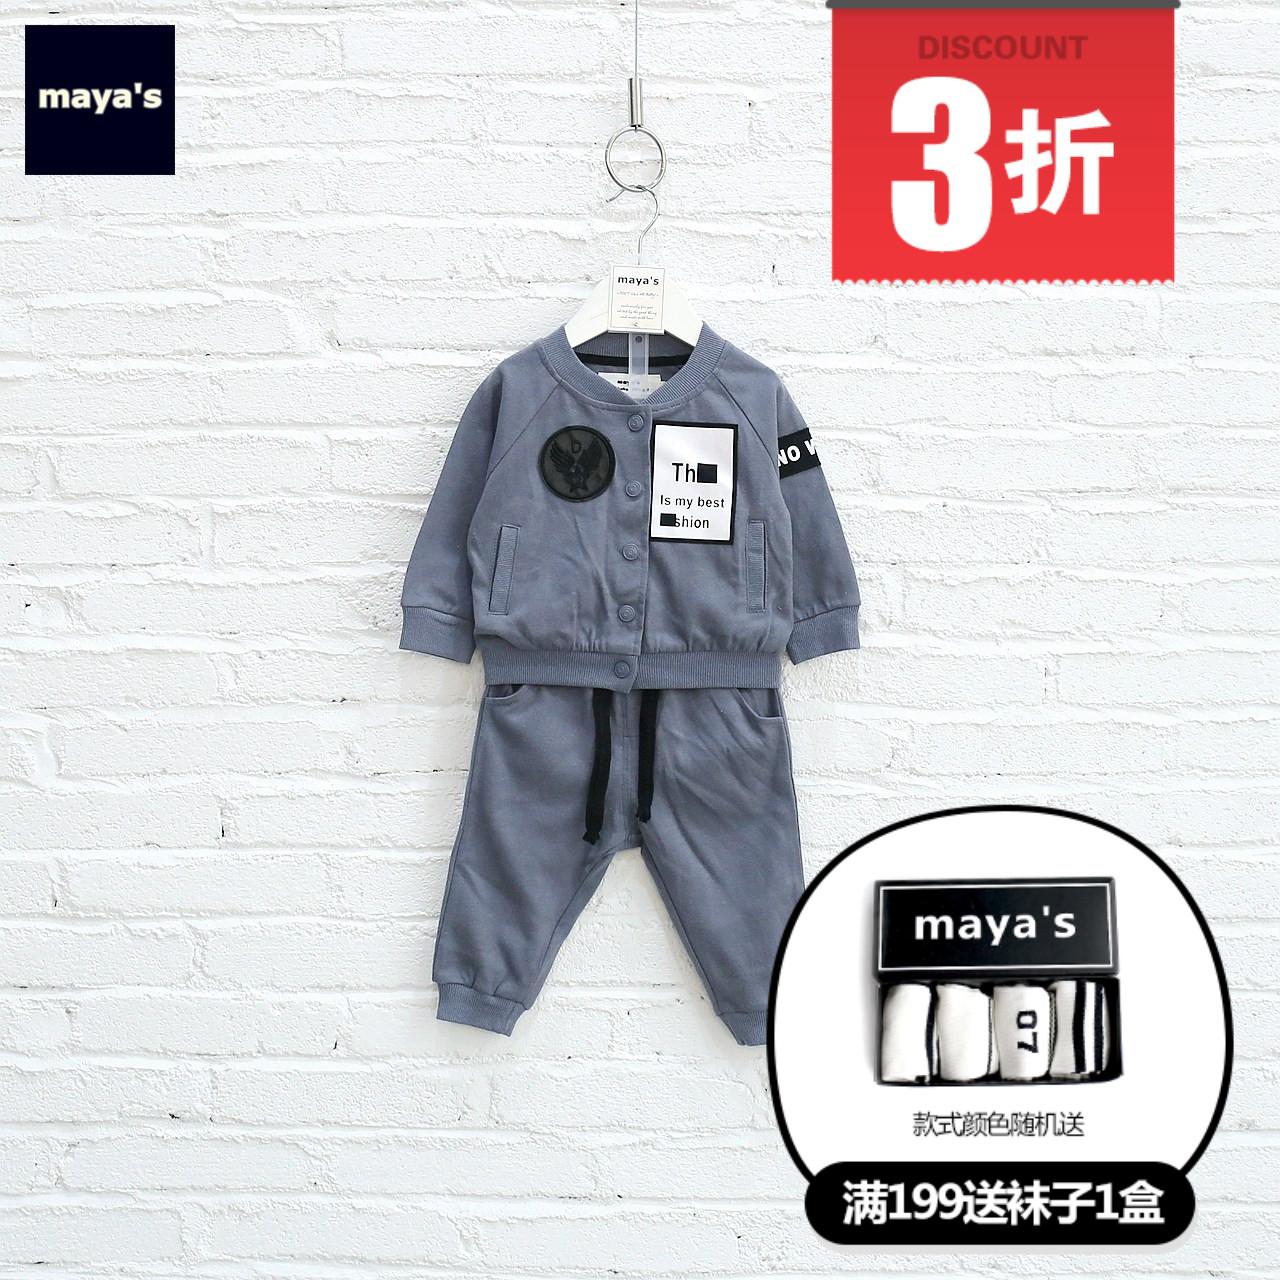 【套装】mayas男童春装套装单棉外套收口裤子两件套贴布袖章70002